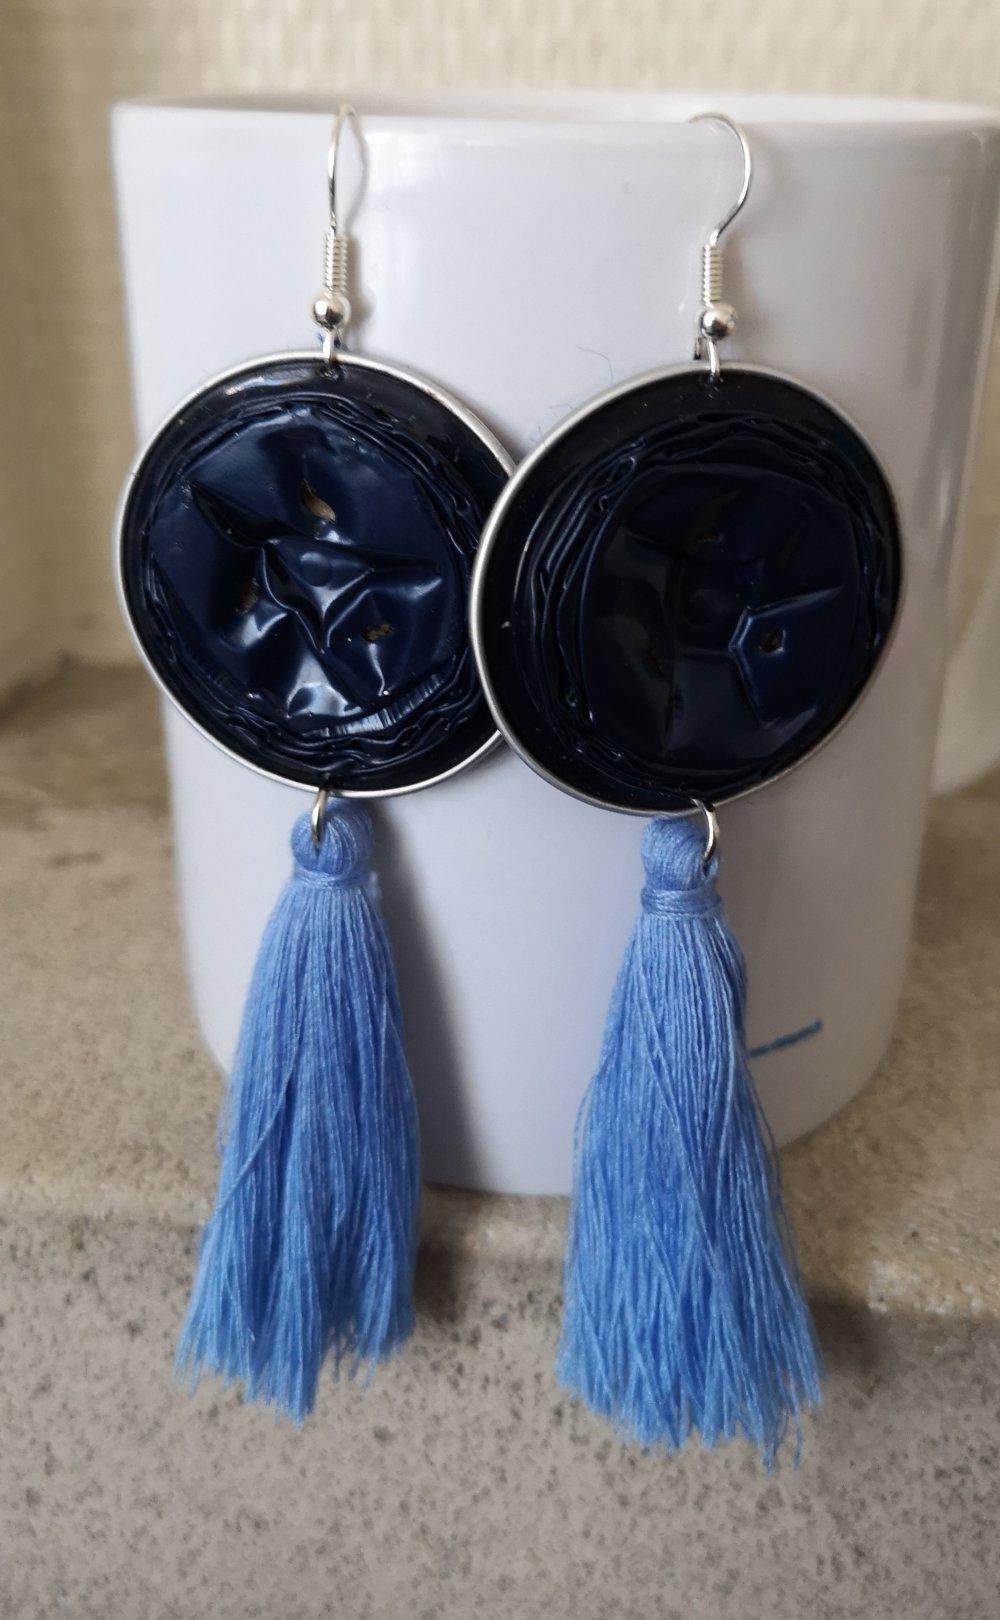 boucle d'oreille à POMPON pendent bleu sur capsule BLEU marine